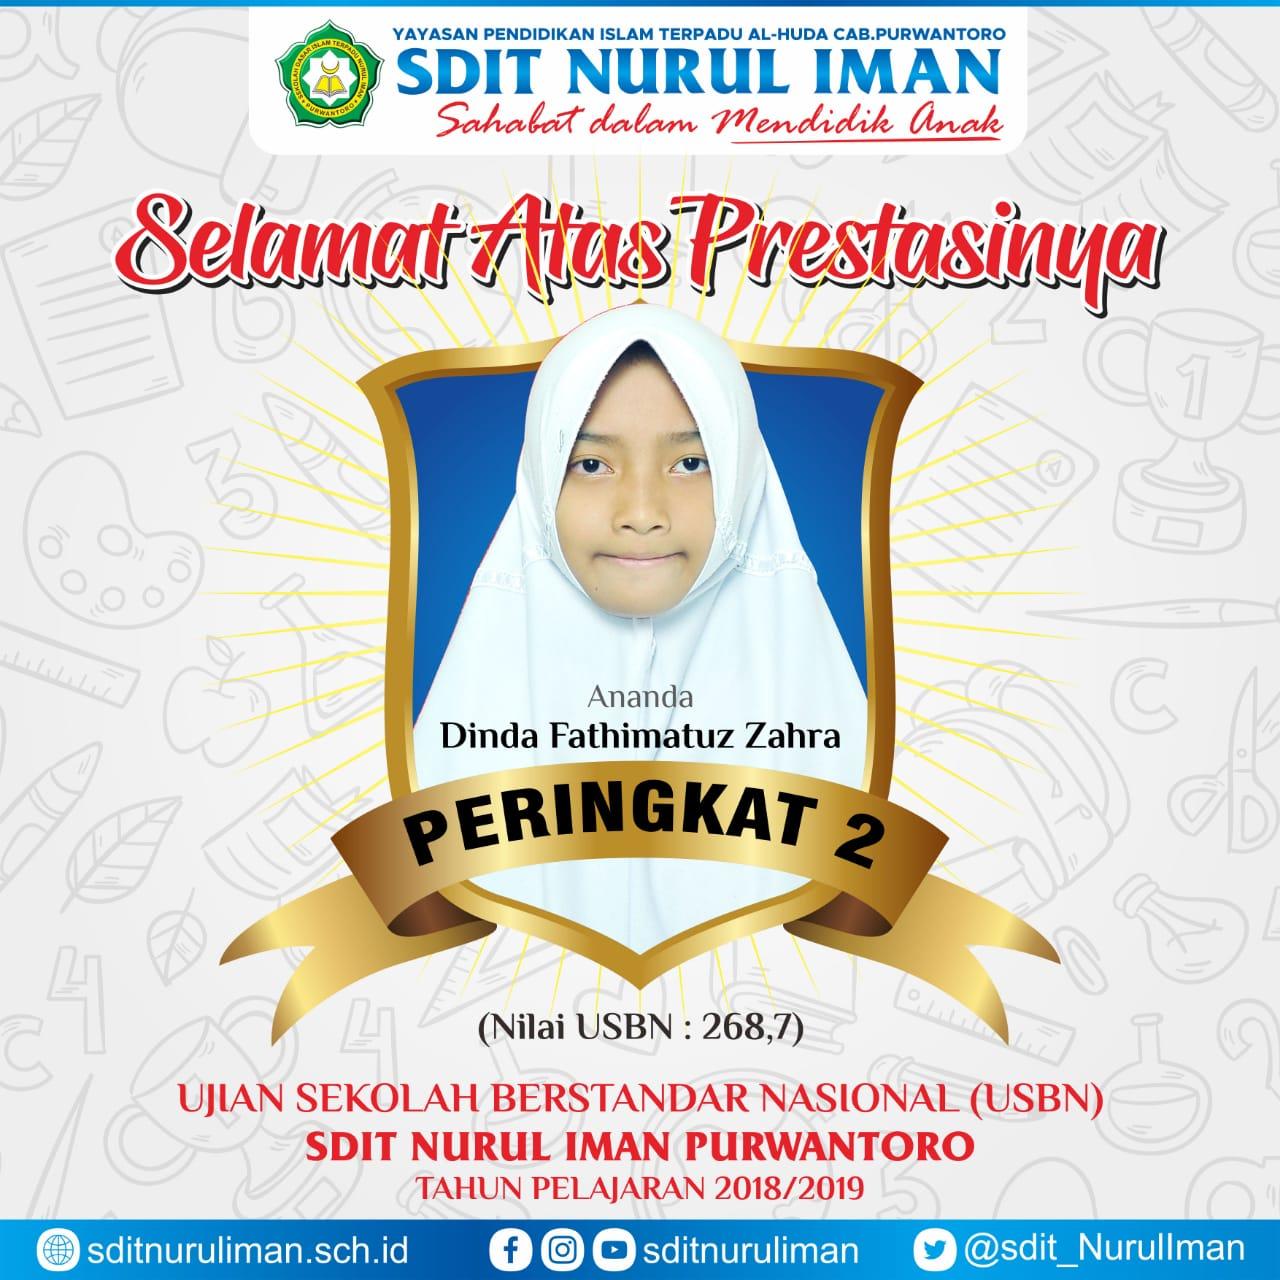 Peringkat 2 USBN SDIT Nurul Iman Purwantoro